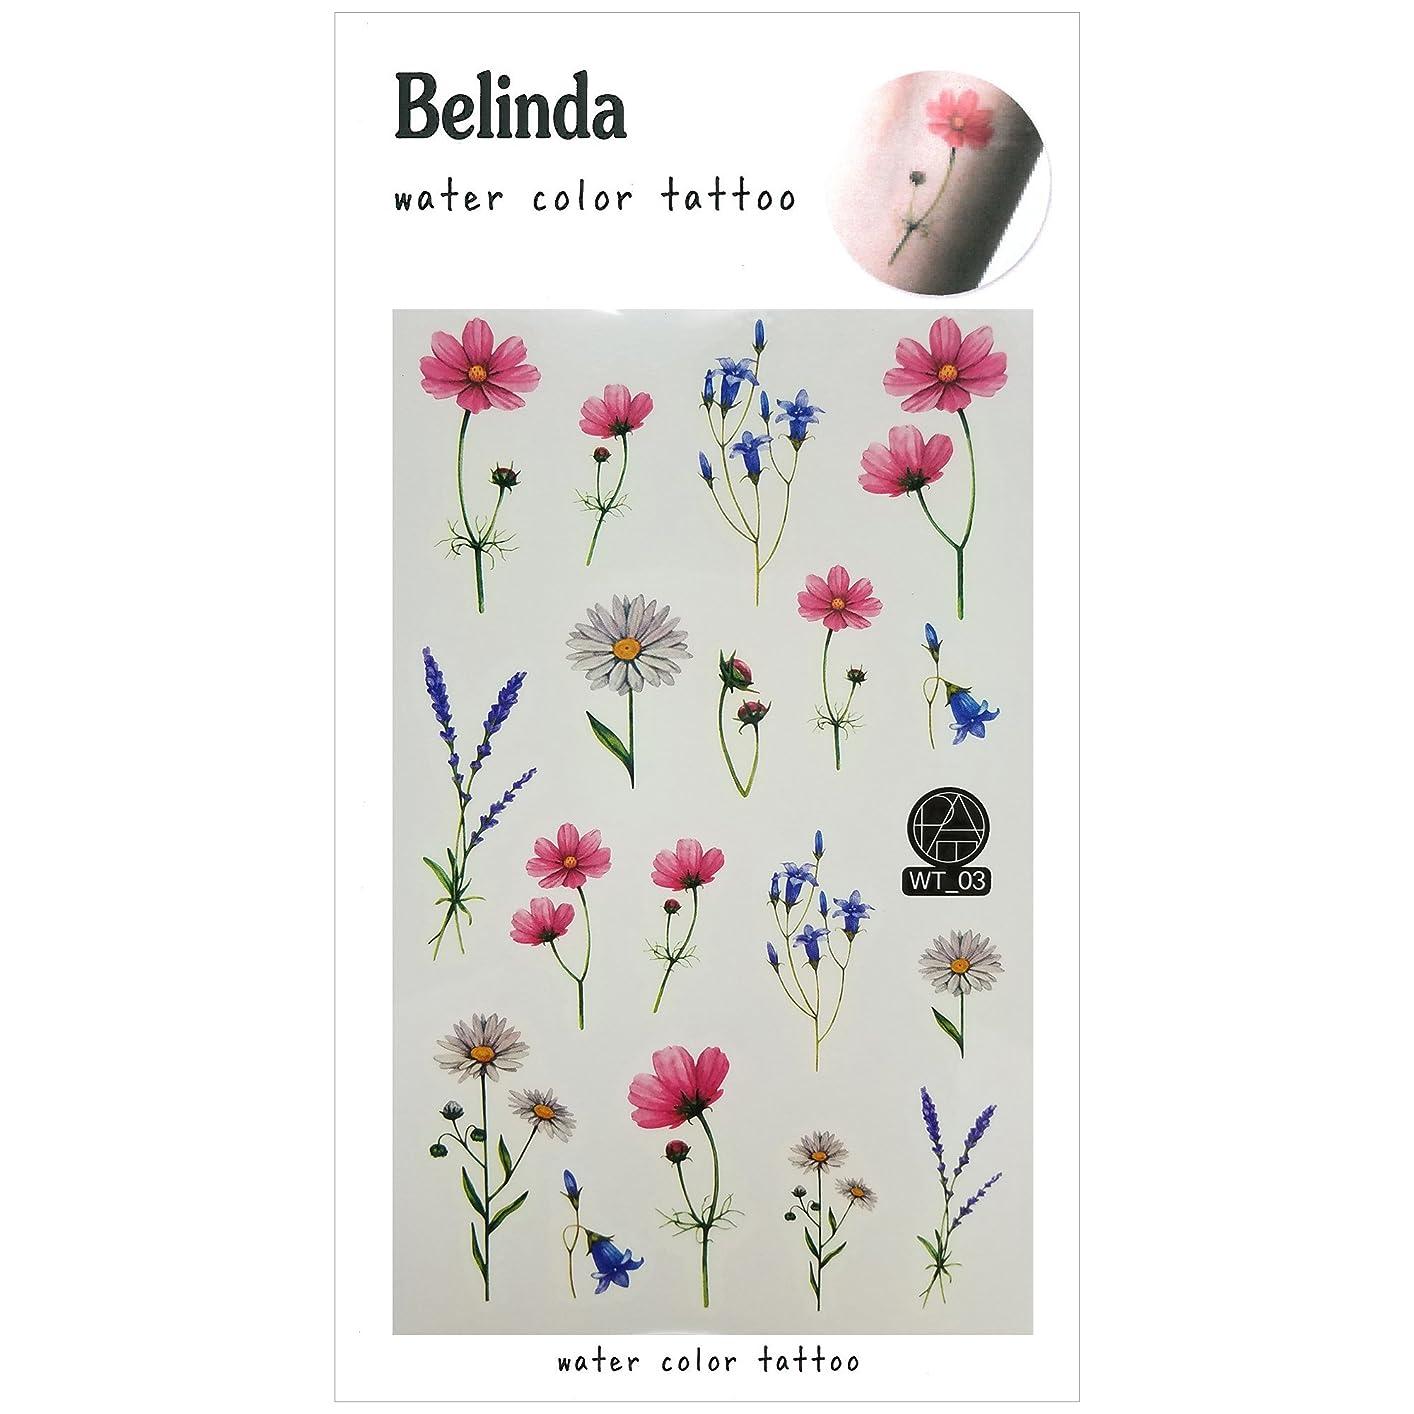 手つかずの樹木納屋Belinda ウォーターカラータトゥー No.1 (1シート)